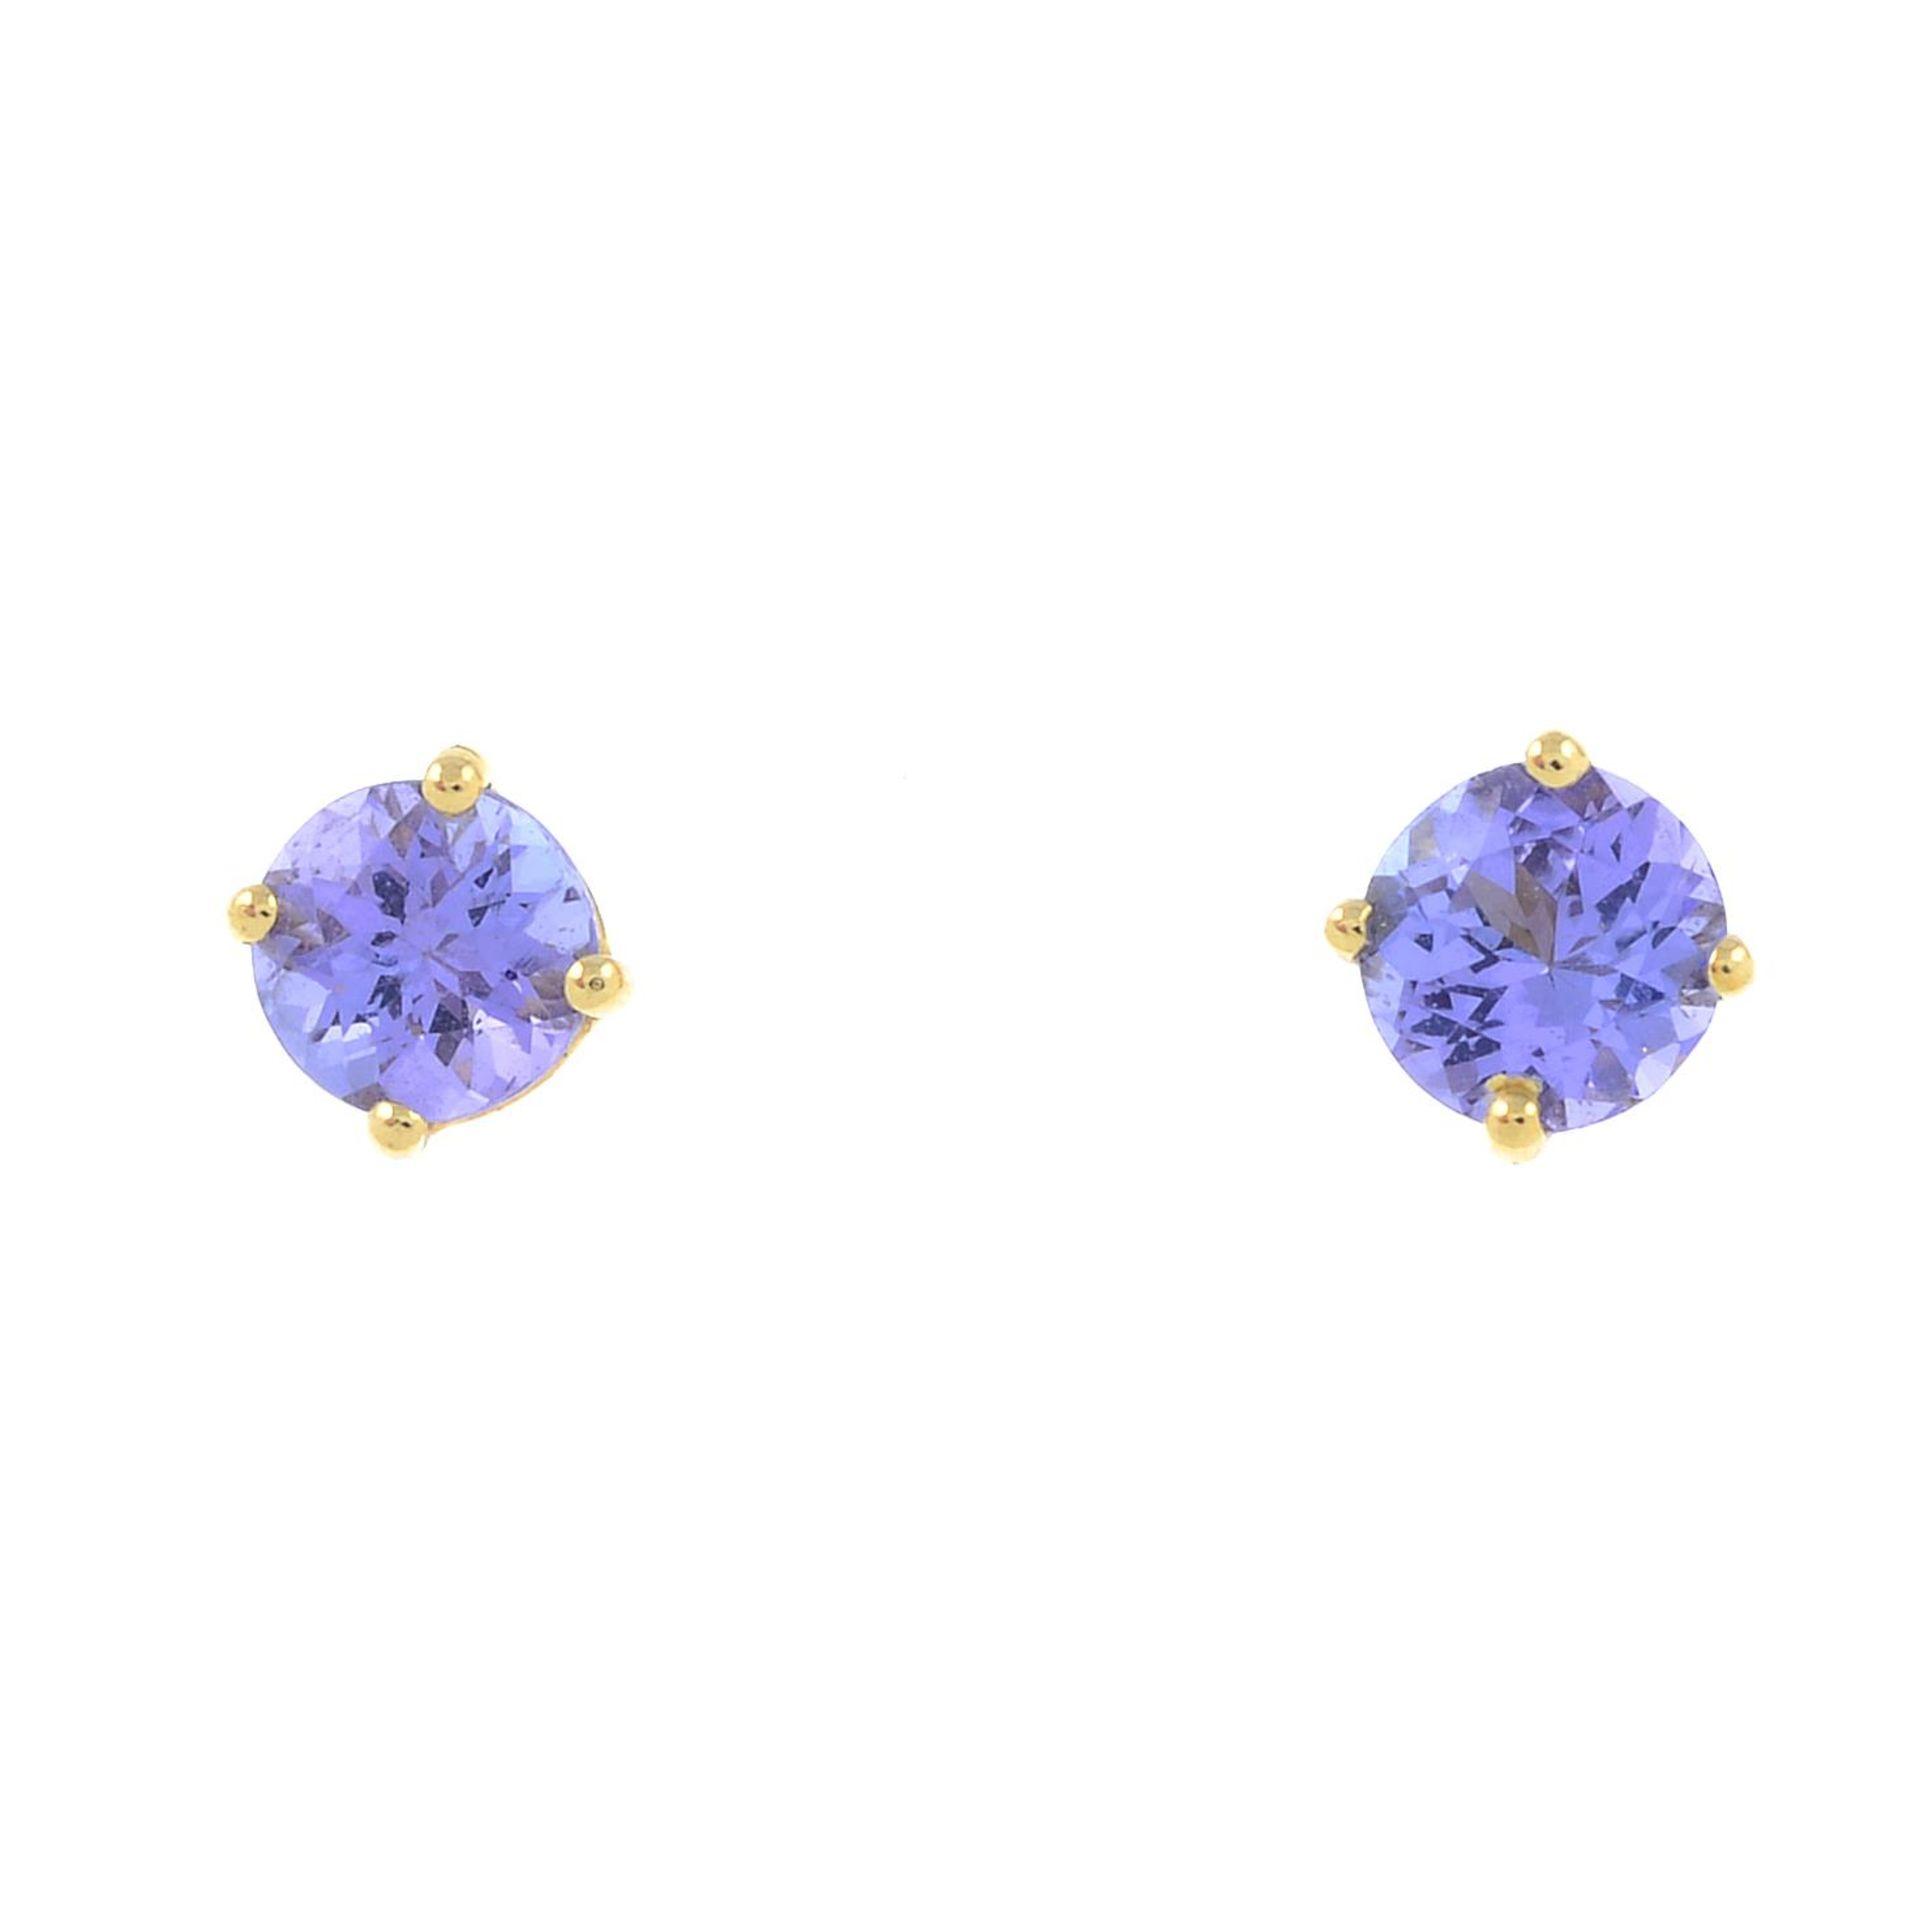 A pair of tanzanite stud earrings.Stamped 14K.Diameter 0.4cm.